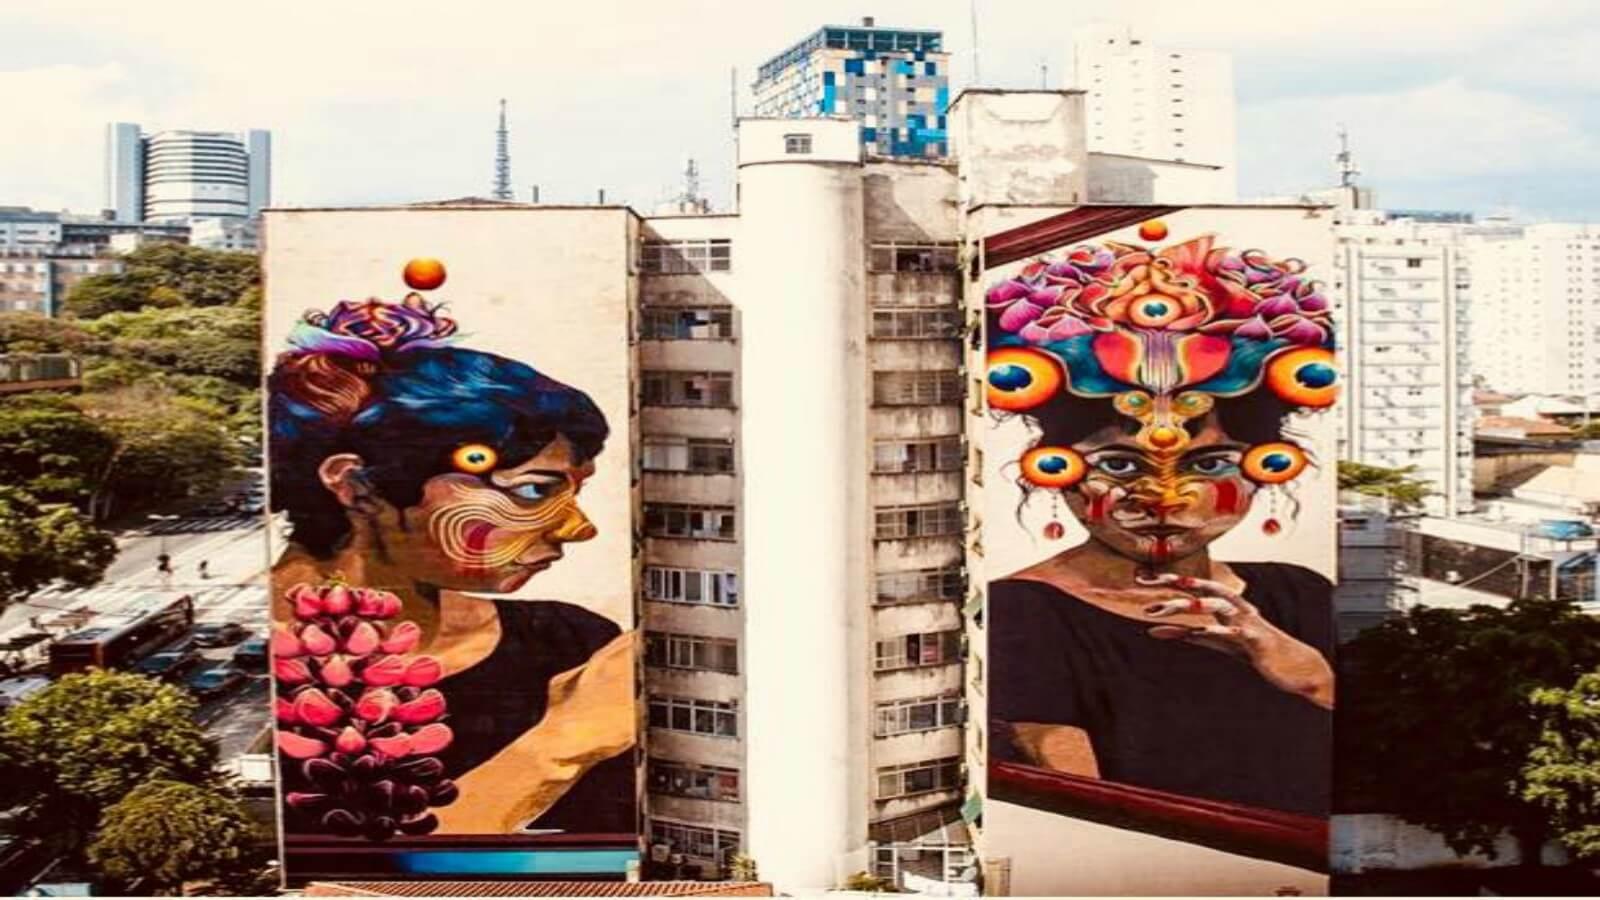 Los 10 mejores murales de octubre?